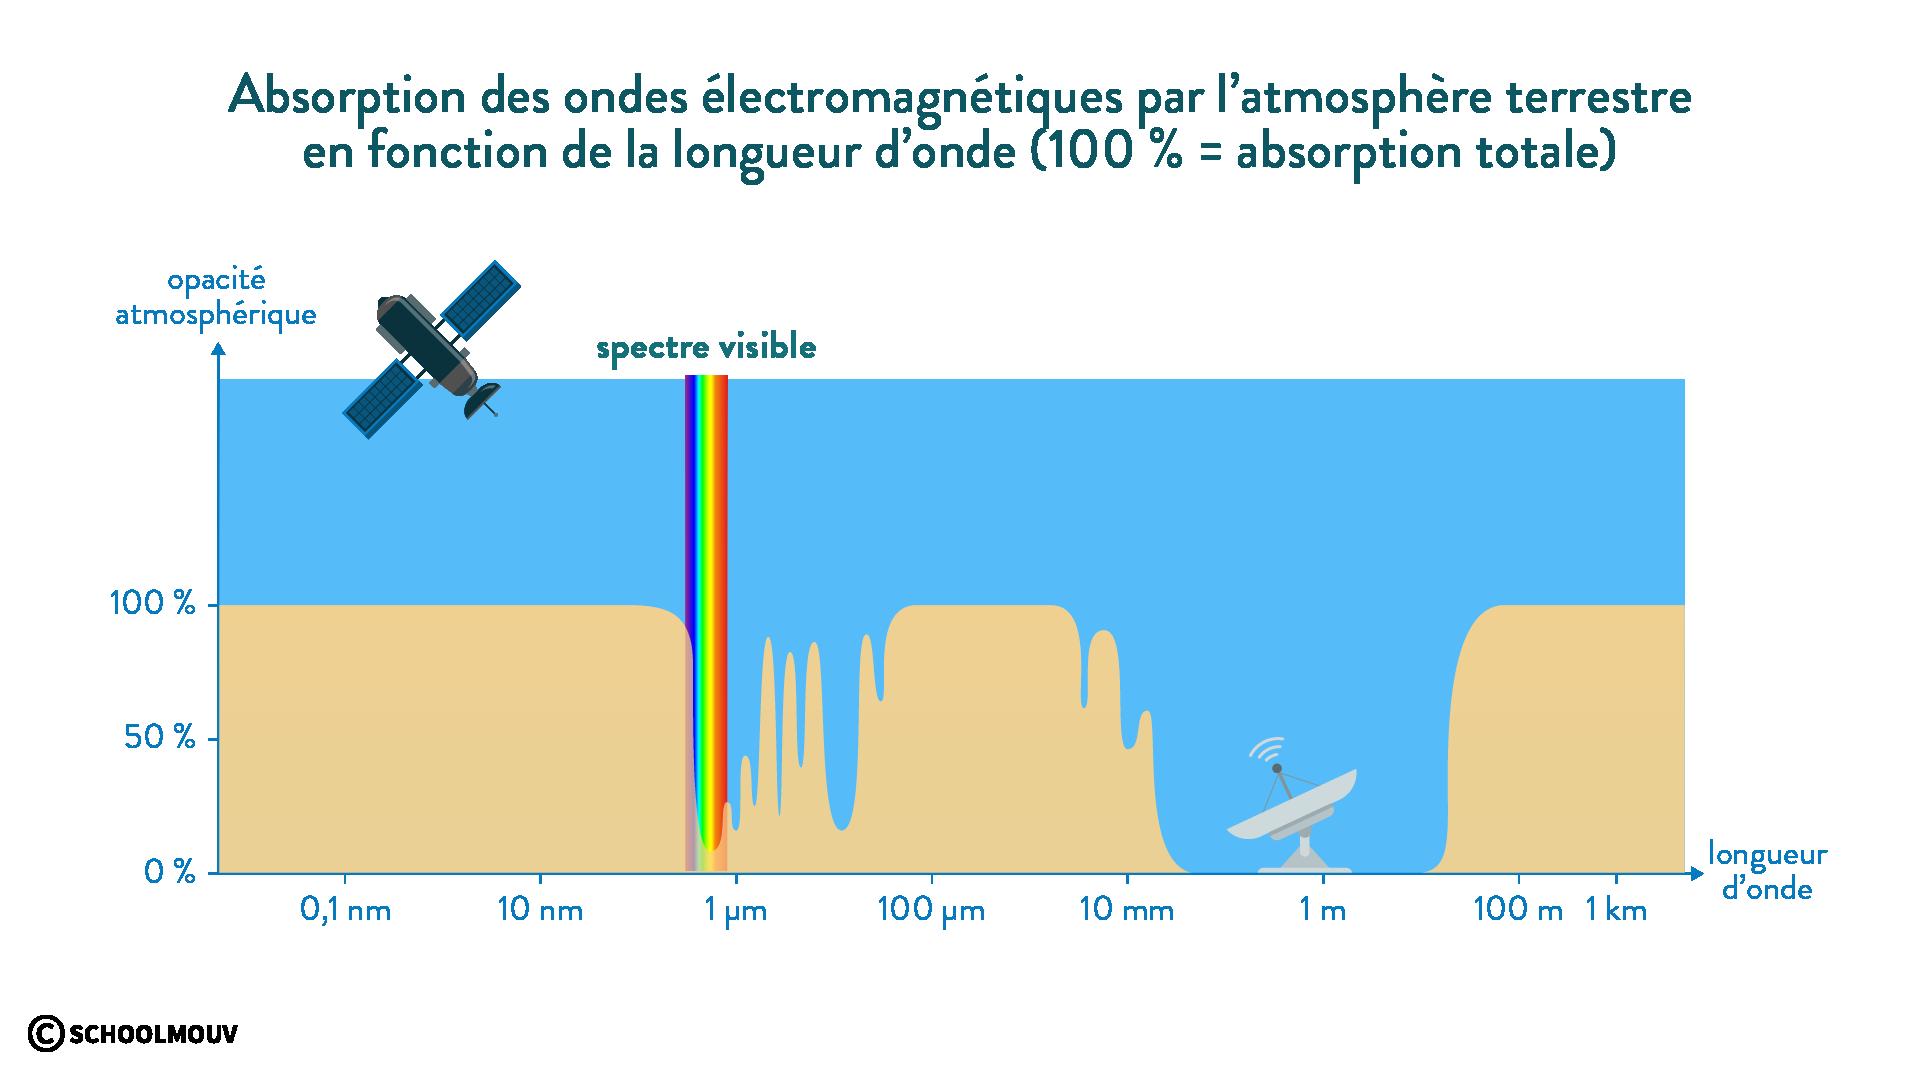 absorption ondes électromagnétiques atmosphère